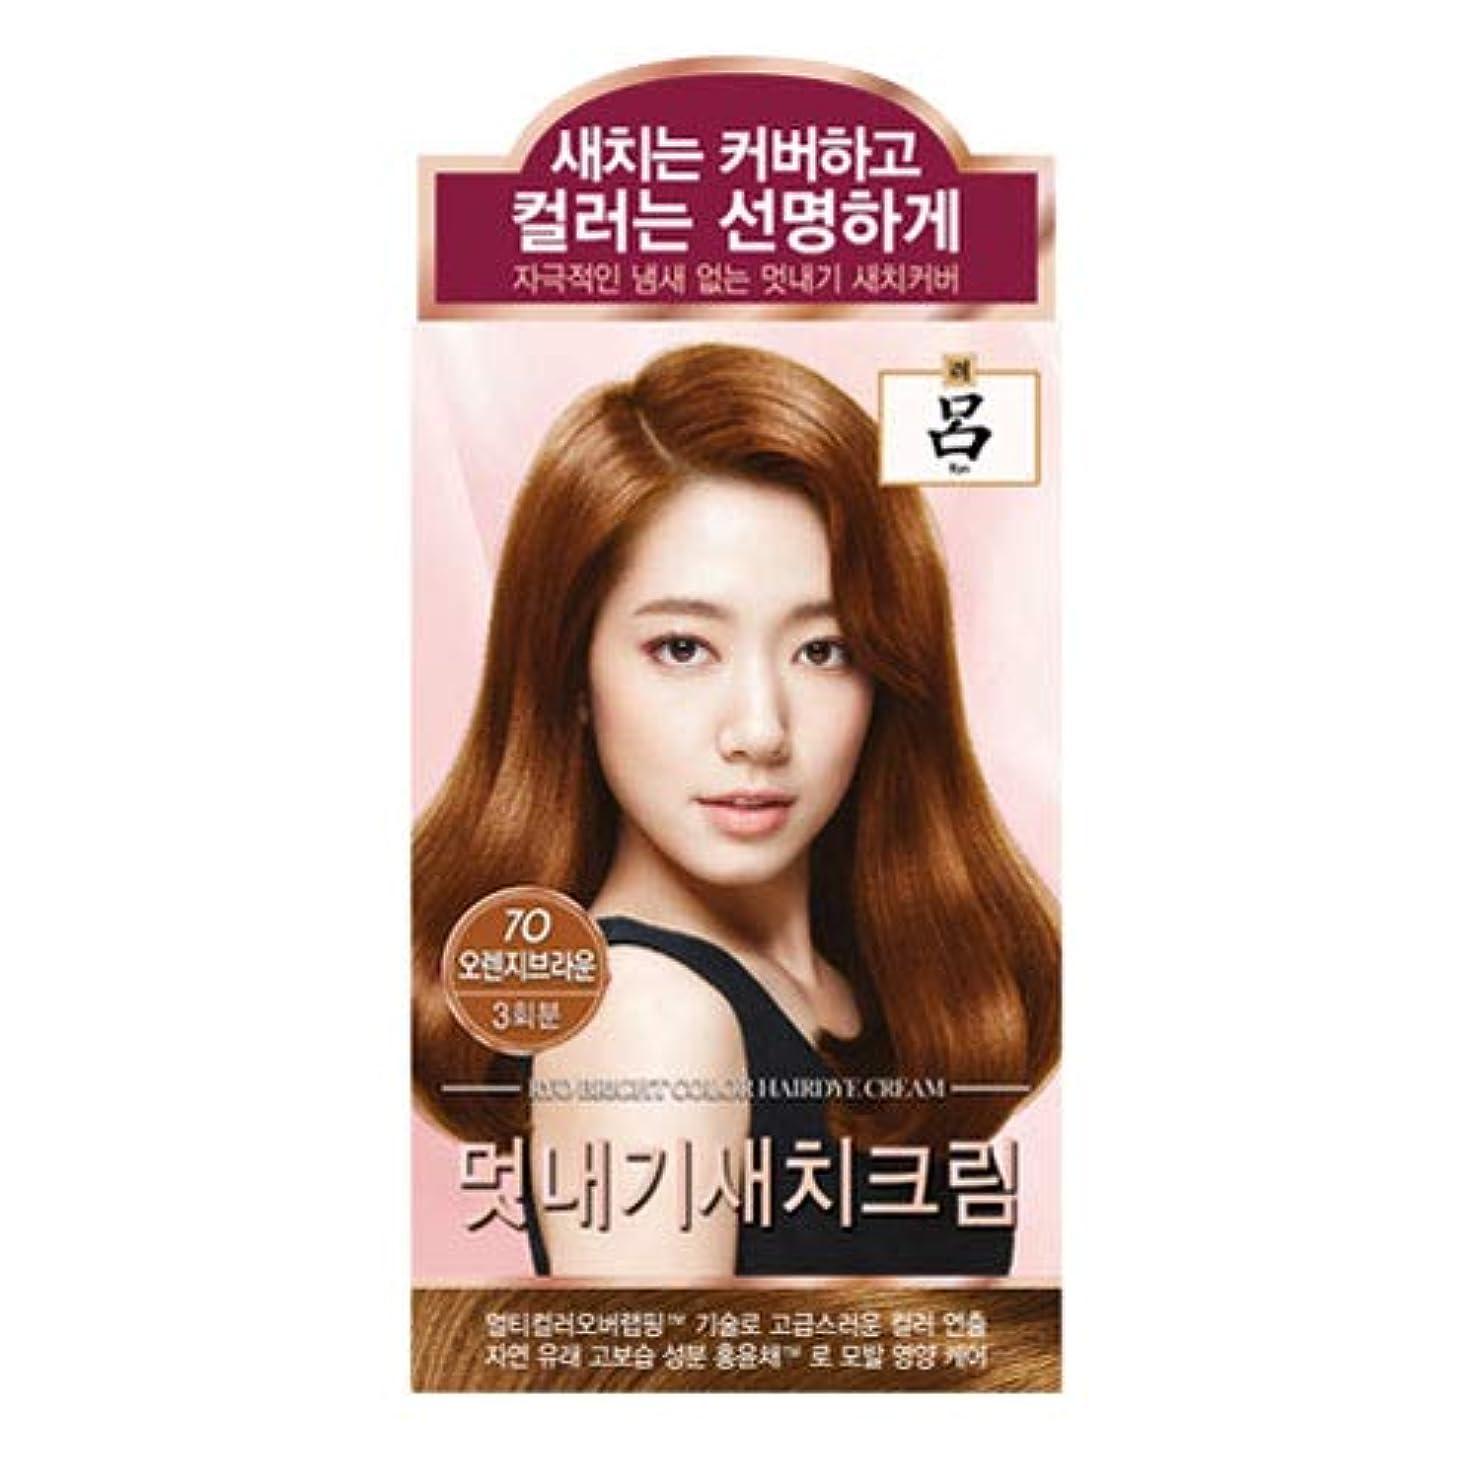 小説家乳剤ひそかにアモーレパシフィック呂[AMOREPACIFIC/Ryo] ブライトカラーヘアアイクリーム 7O オレンジブラウン/Bright Color Hairdye Cream 7O Orange Brown